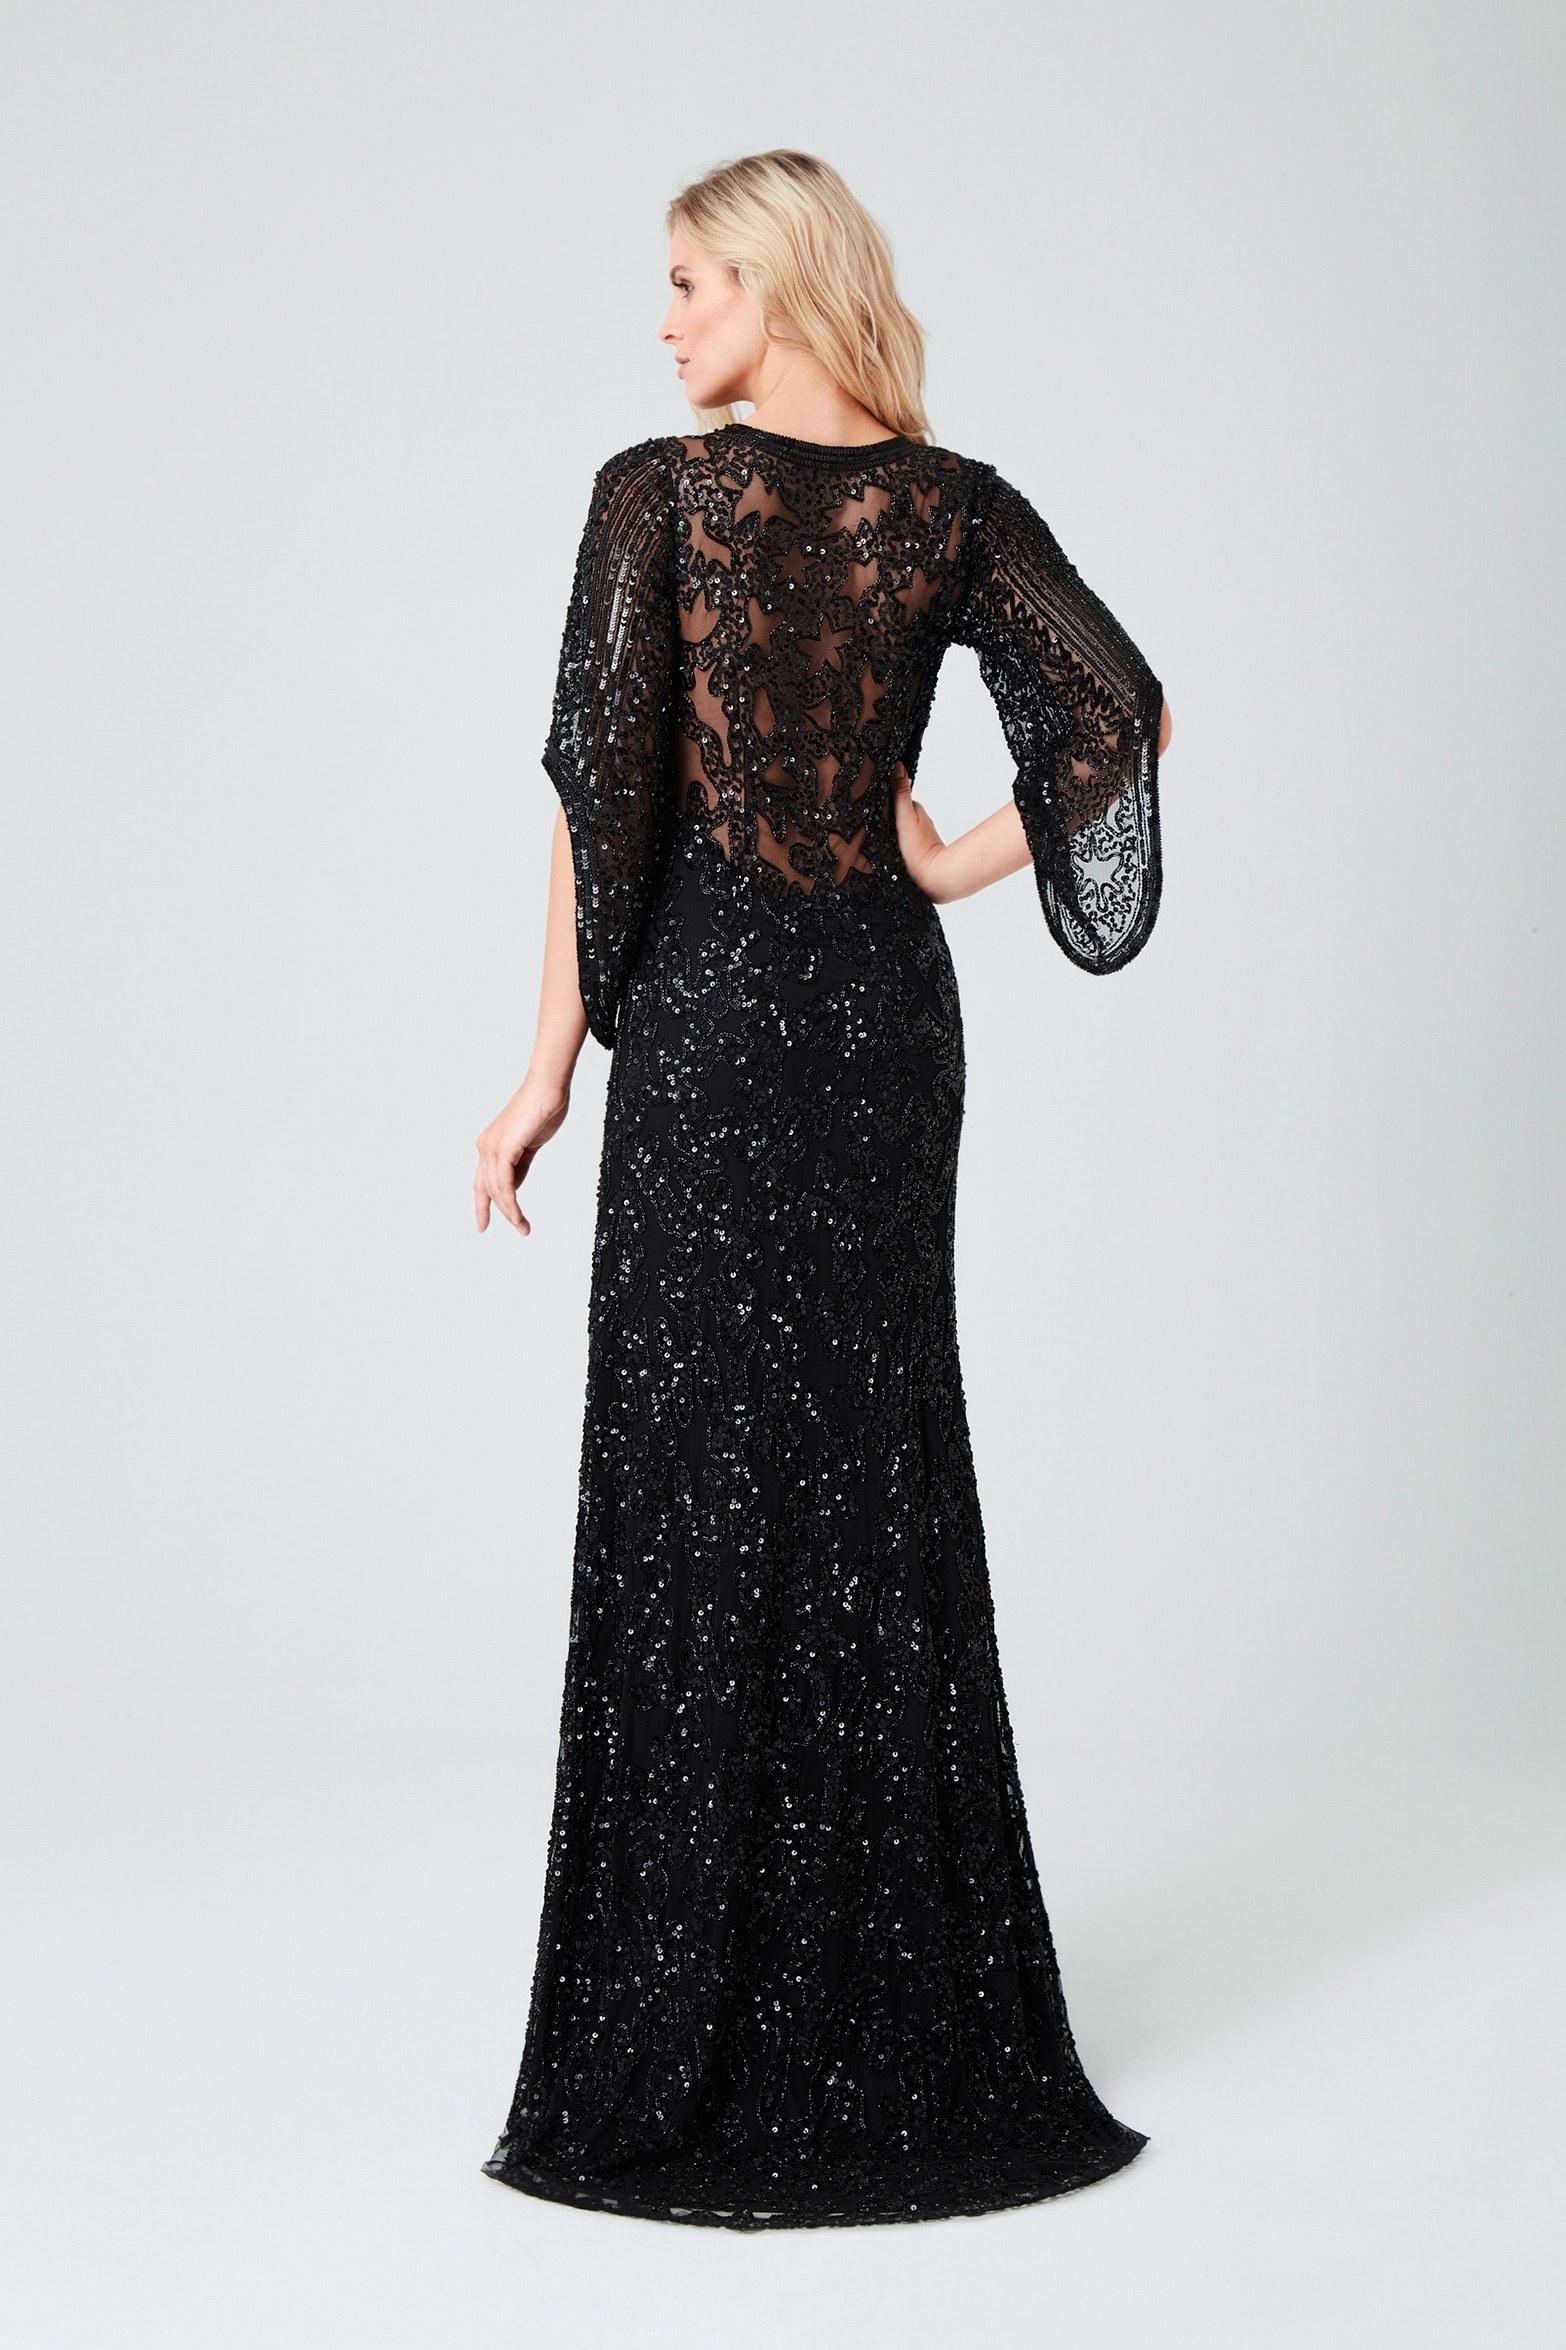 Siyah Uzun Kollu Payetli Abiye Elbise - Thumbnail